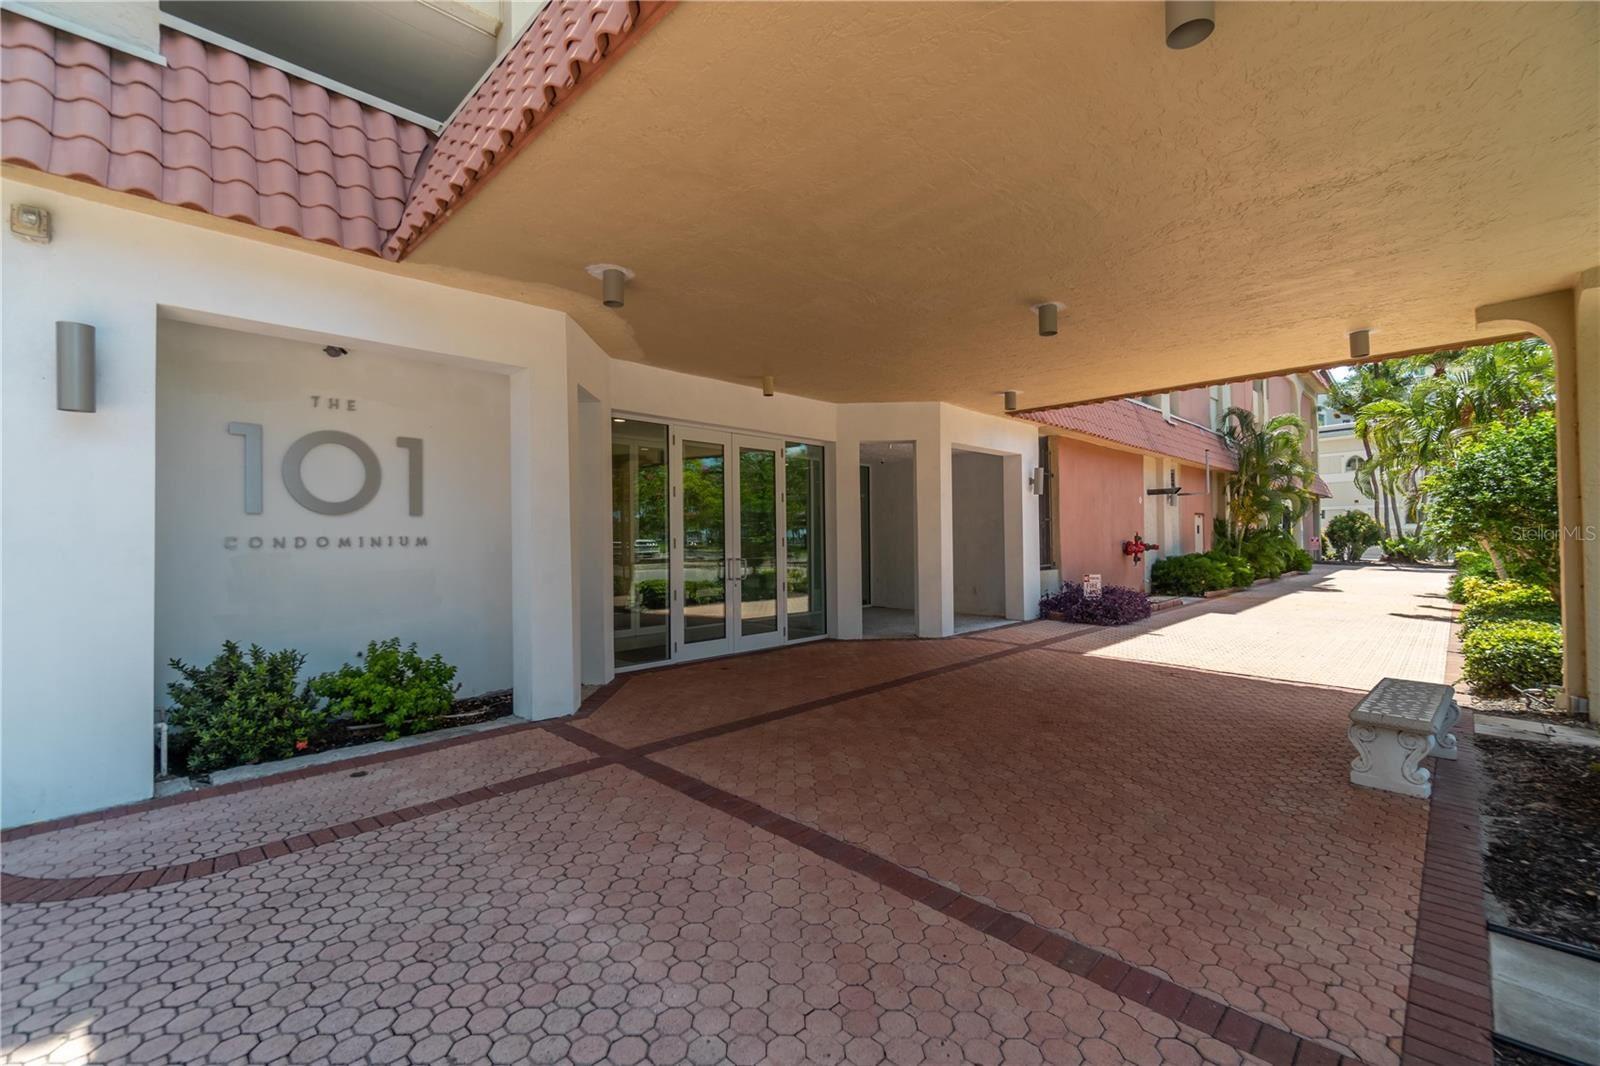 101 S GULFSTREAM AVENUE #9A, Sarasota, FL 34236 - #: A4509885